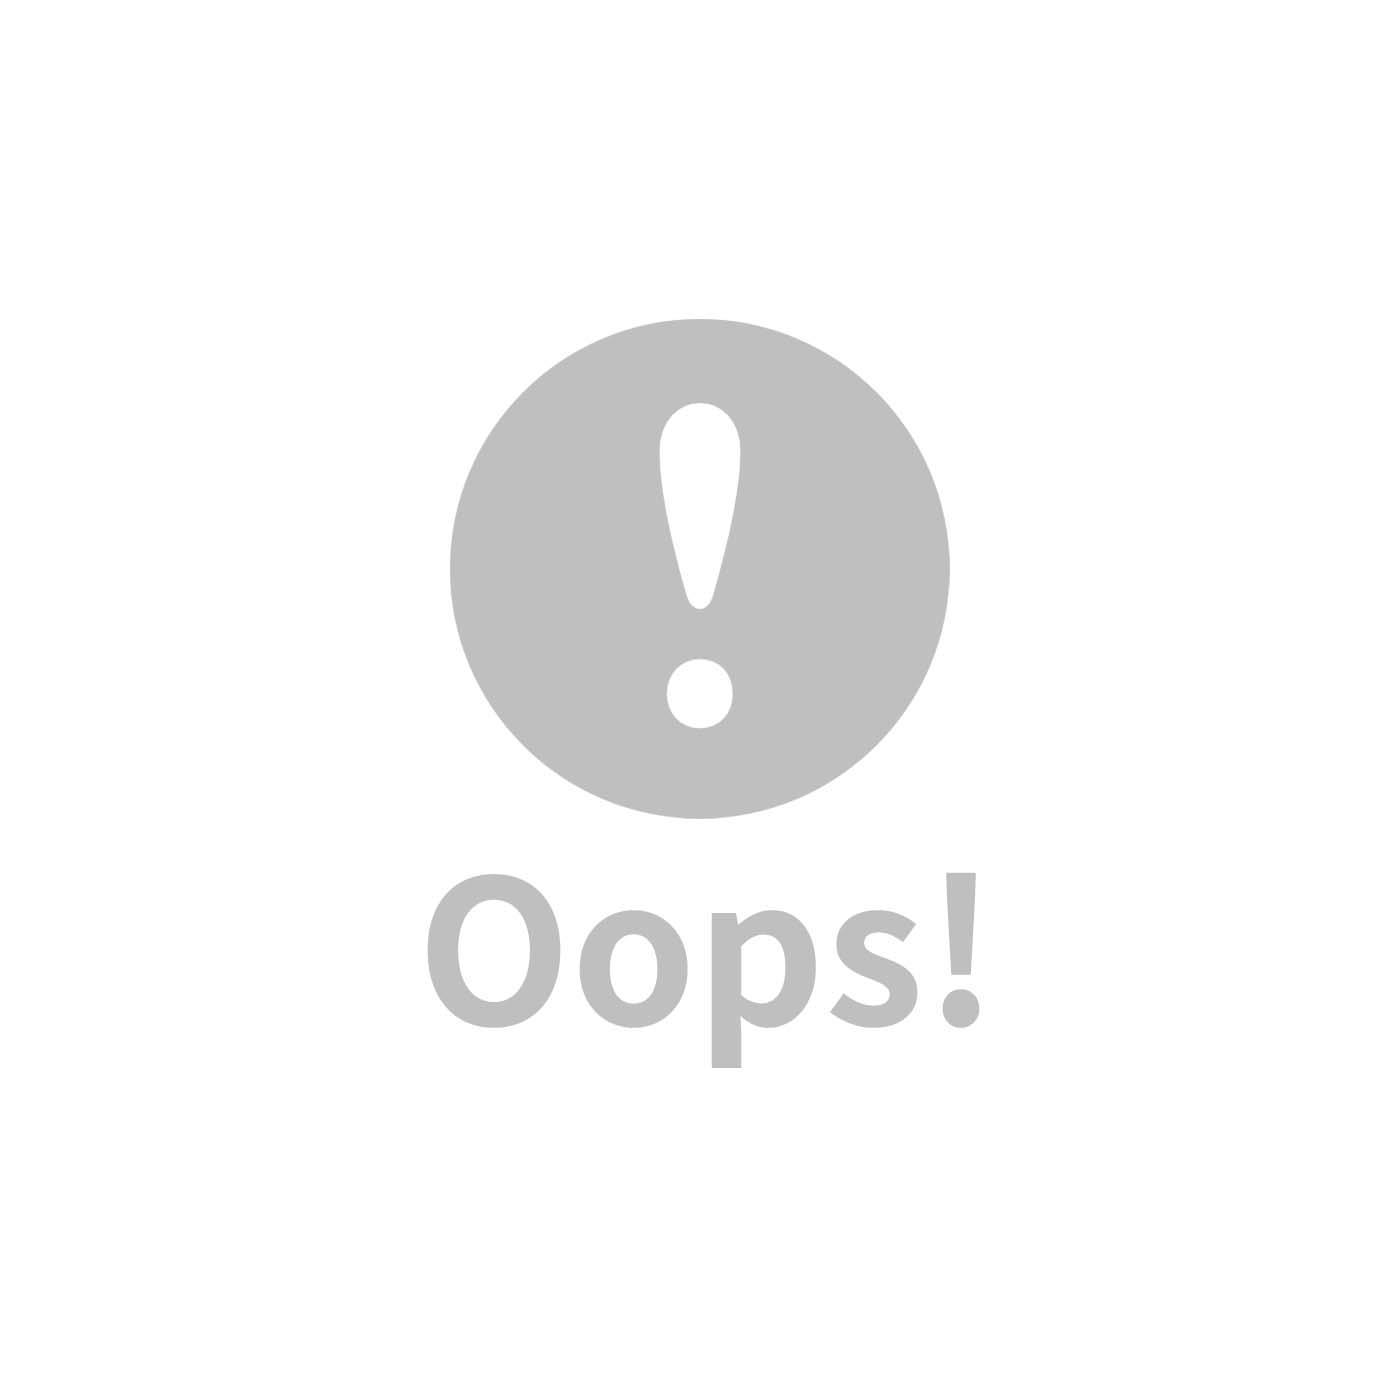 ELPRAIRIE頂級鮮厚超純水嬰兒濕紙巾-絲柔呵護印花款(大包72抽x5入)